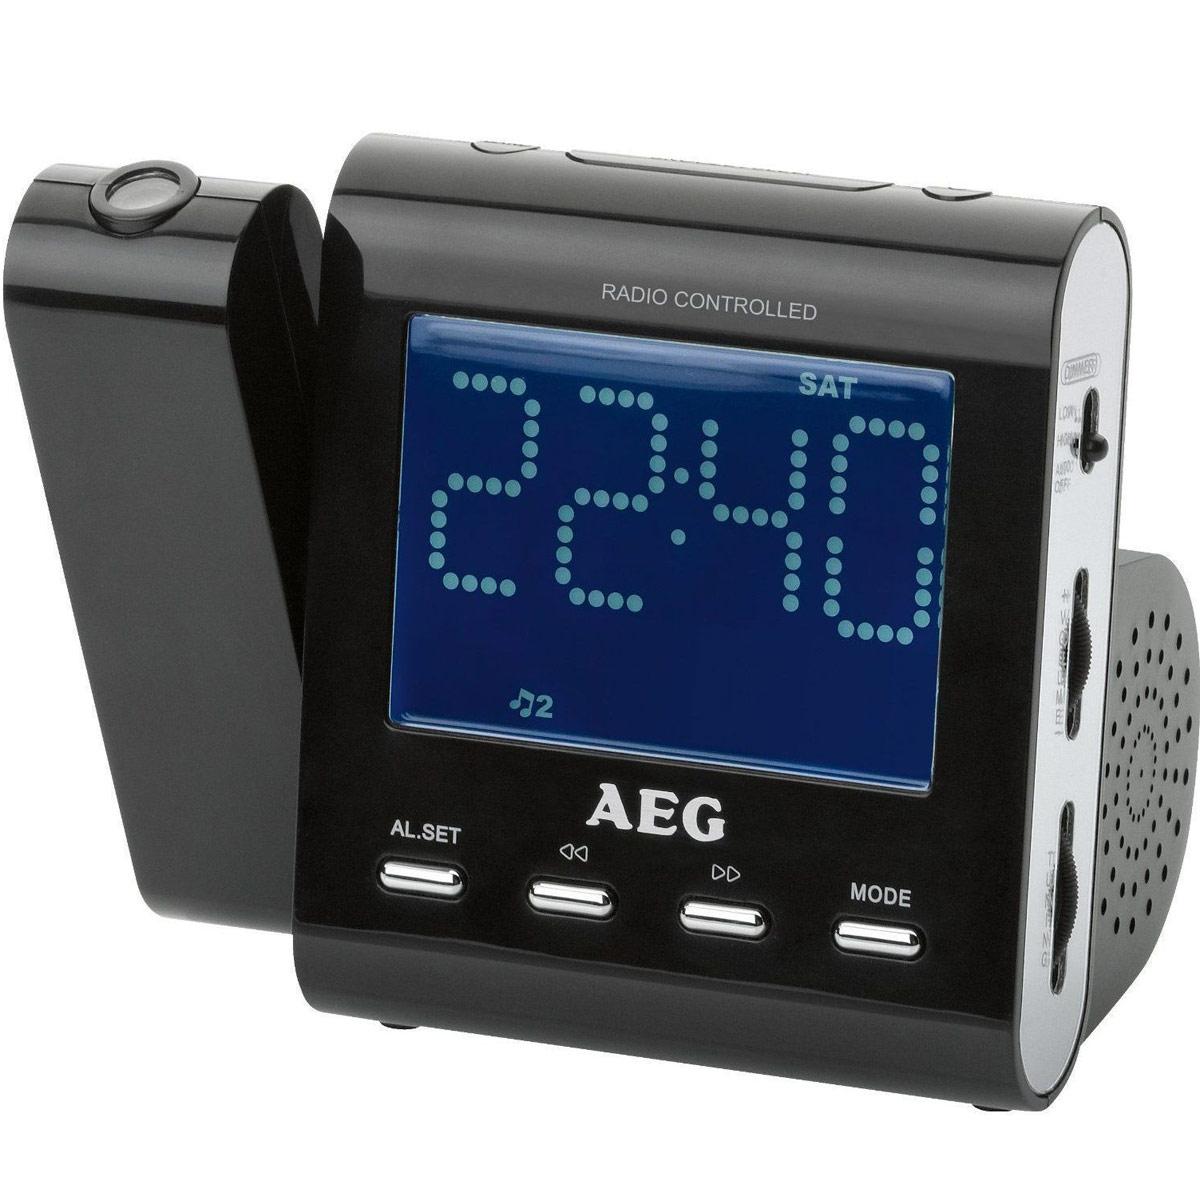 AEG MRC 4122 F, Black радиочасыMRC 4122 FРадиобудильник AEG MRC 4122 F.Вход AUX-IN Индикация дня недели, индикация даты Проекция времени с возможностью включения/отключения Поворотный проектор 180° с возможностью фокусировки Светодиодный дисплей размером около 9,5 см, с синей подсветкой Цифровая индикация частоты настройки, дипольная антенна Резервное питание для часов при отключении питания сети Резервное питание для часов: часоваябатарея CR 2032 (батарея в комплект поставки не входит)